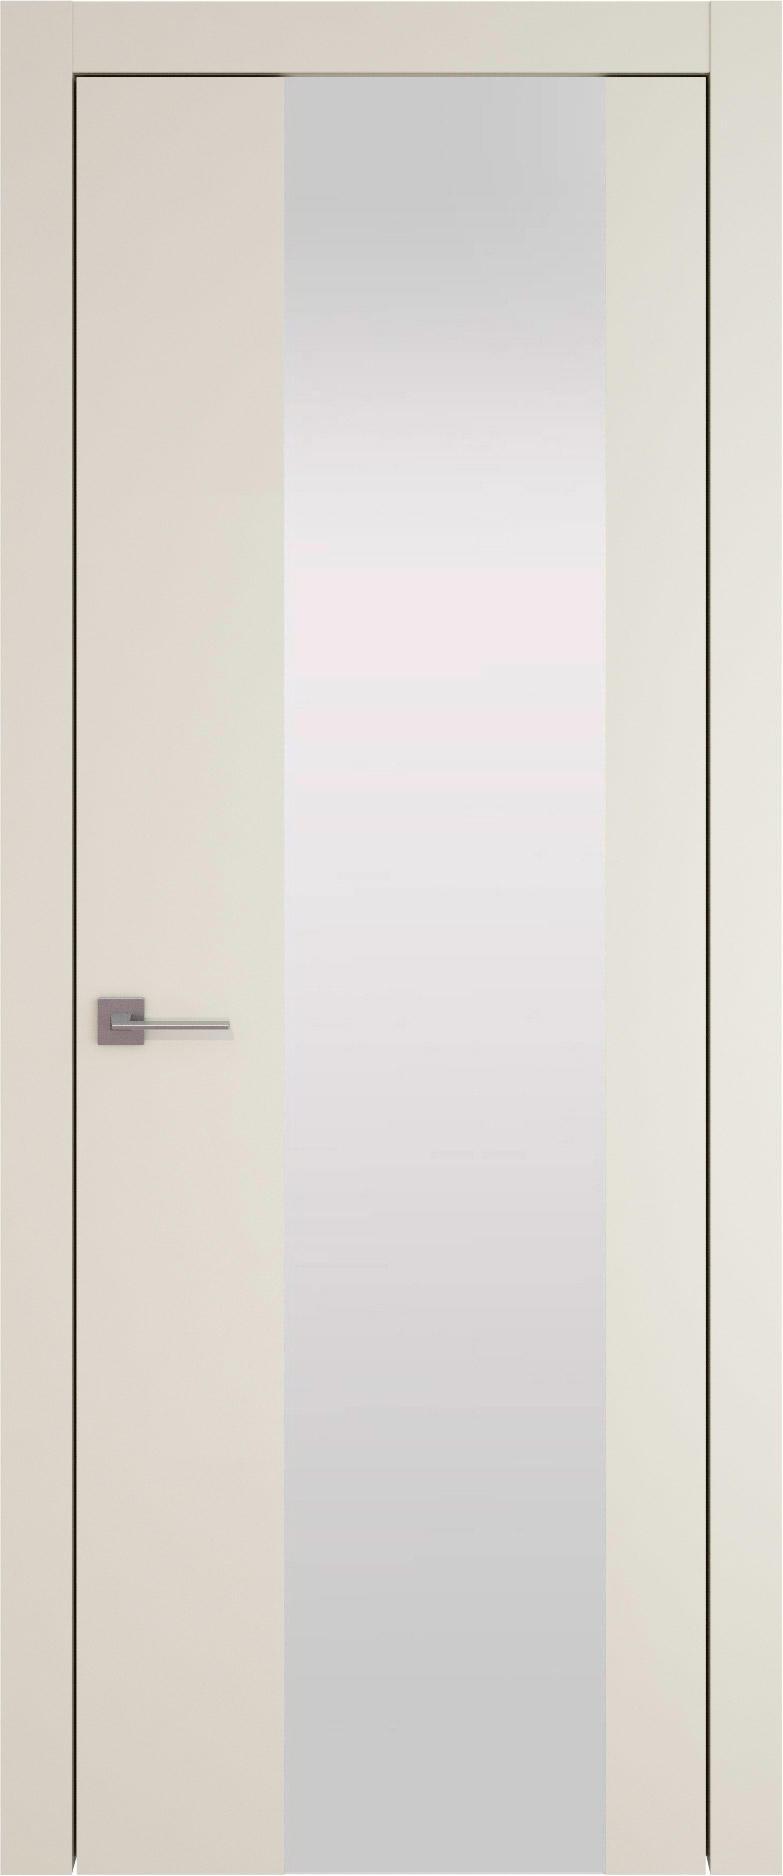 Tivoli Е-1 цвет - Жемчужная эмаль (RAL 1013) Со стеклом (ДО)